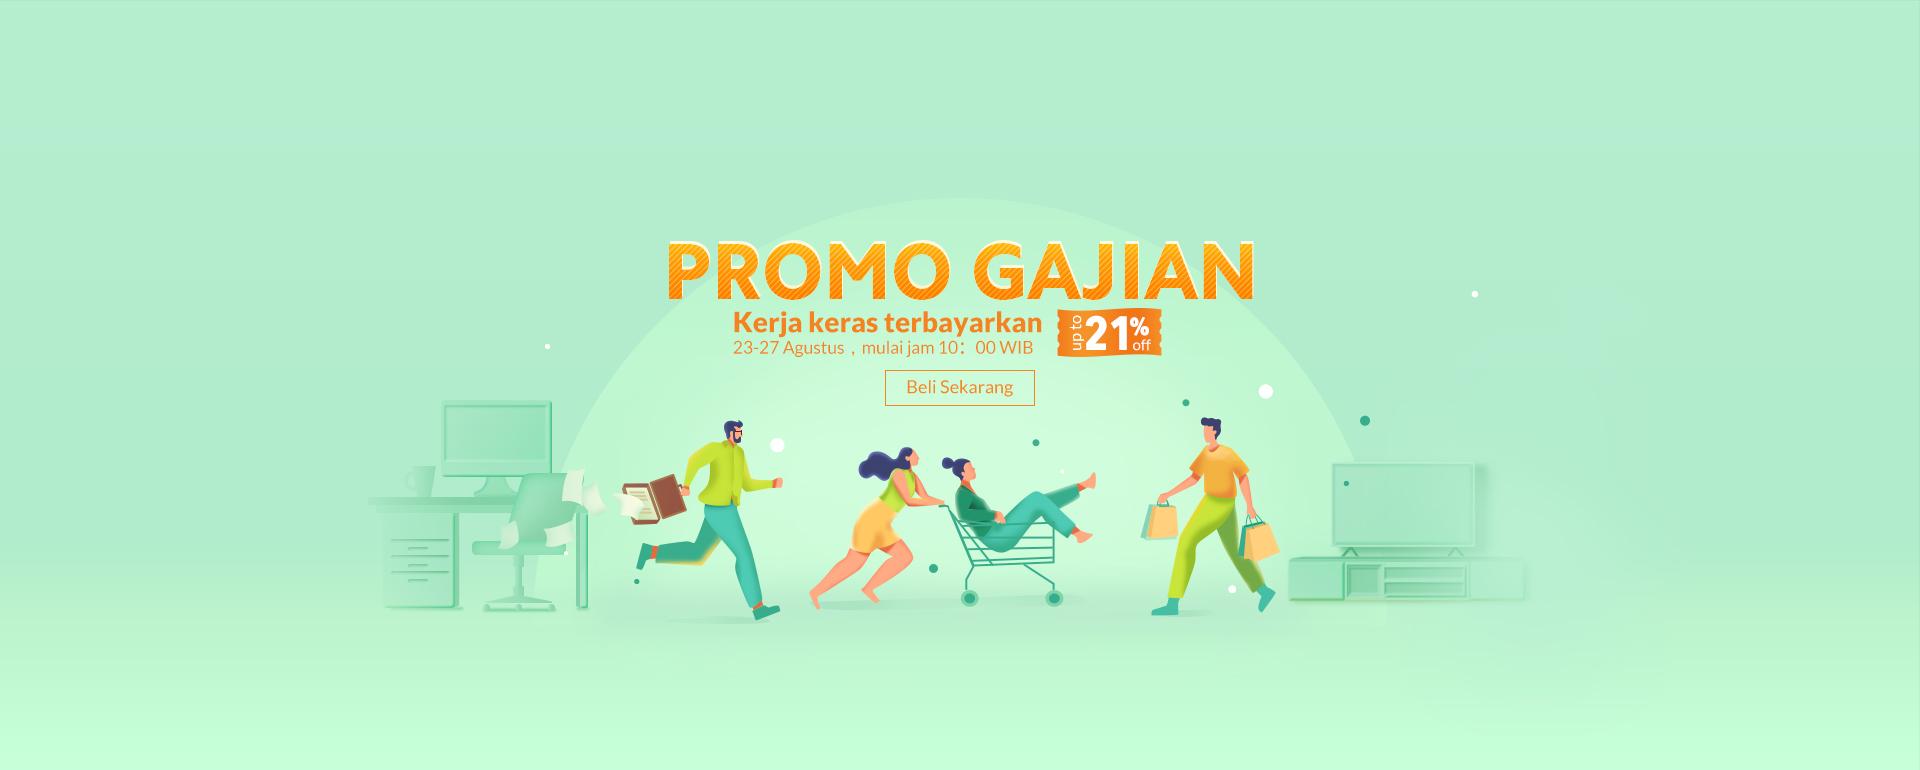 Promo Gajian